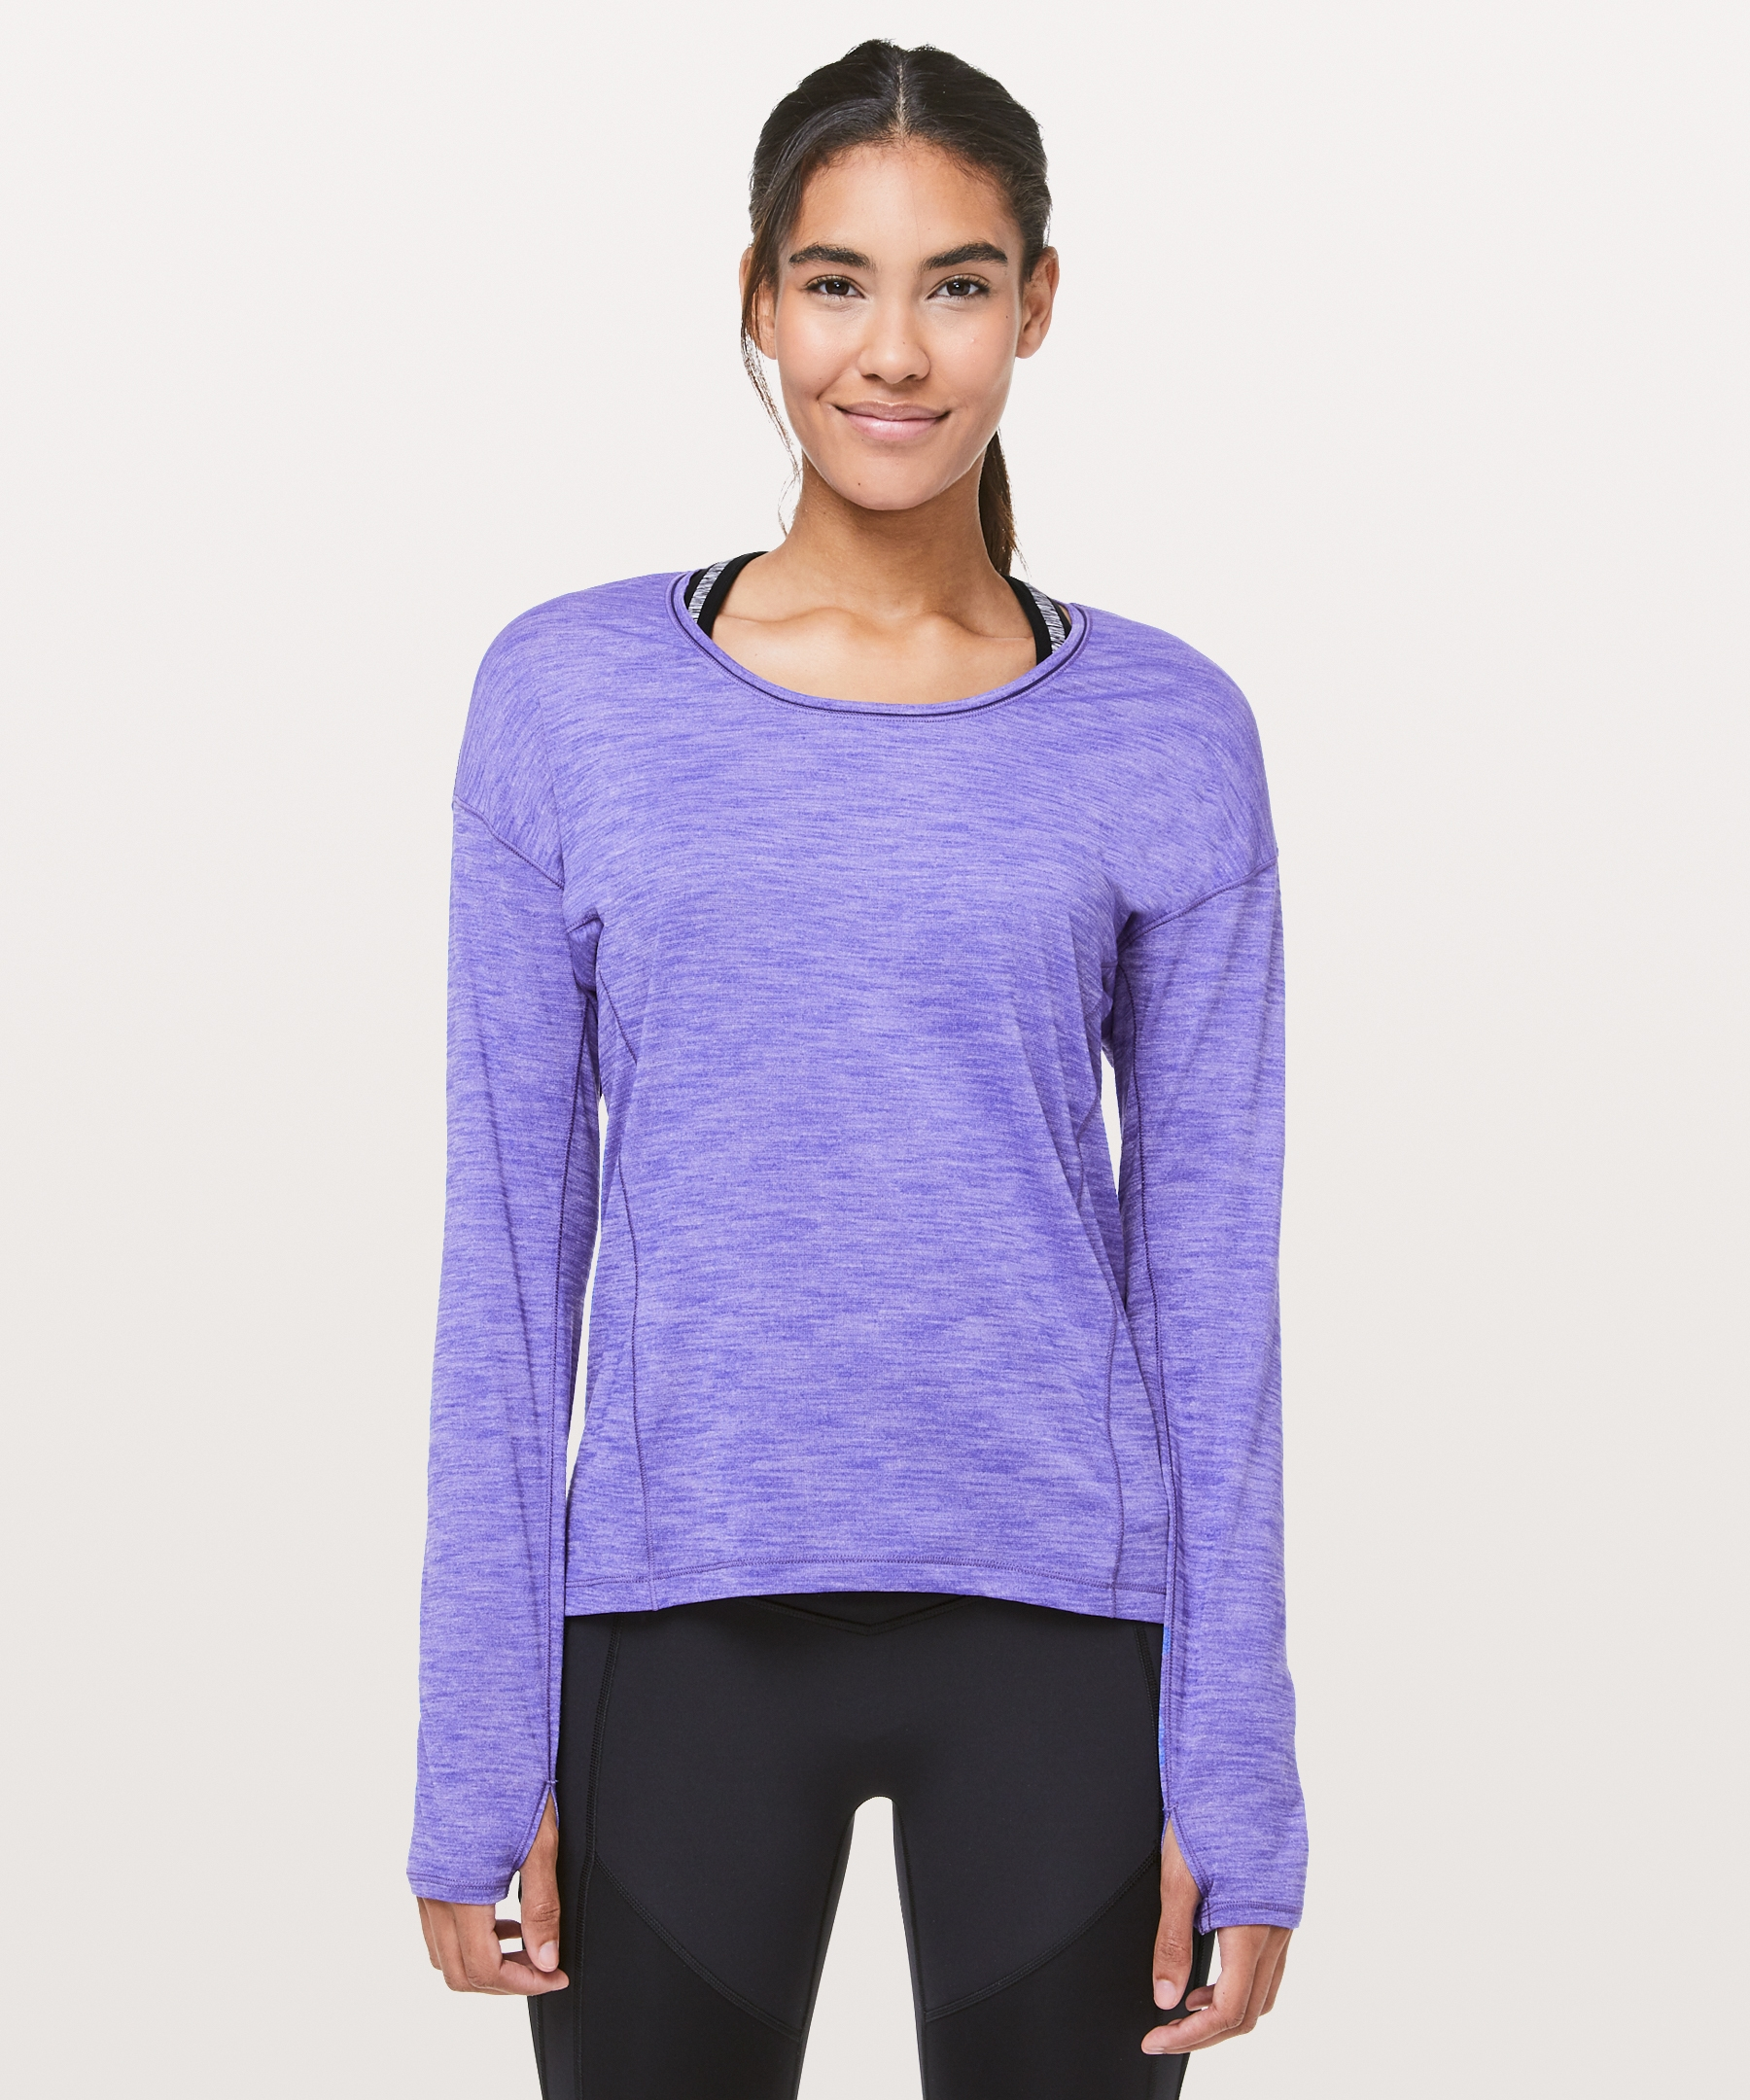 c64ac9ad62 lululemon Women's Sweat Embrace Long Sleeve, Heathered Lazurite, ...